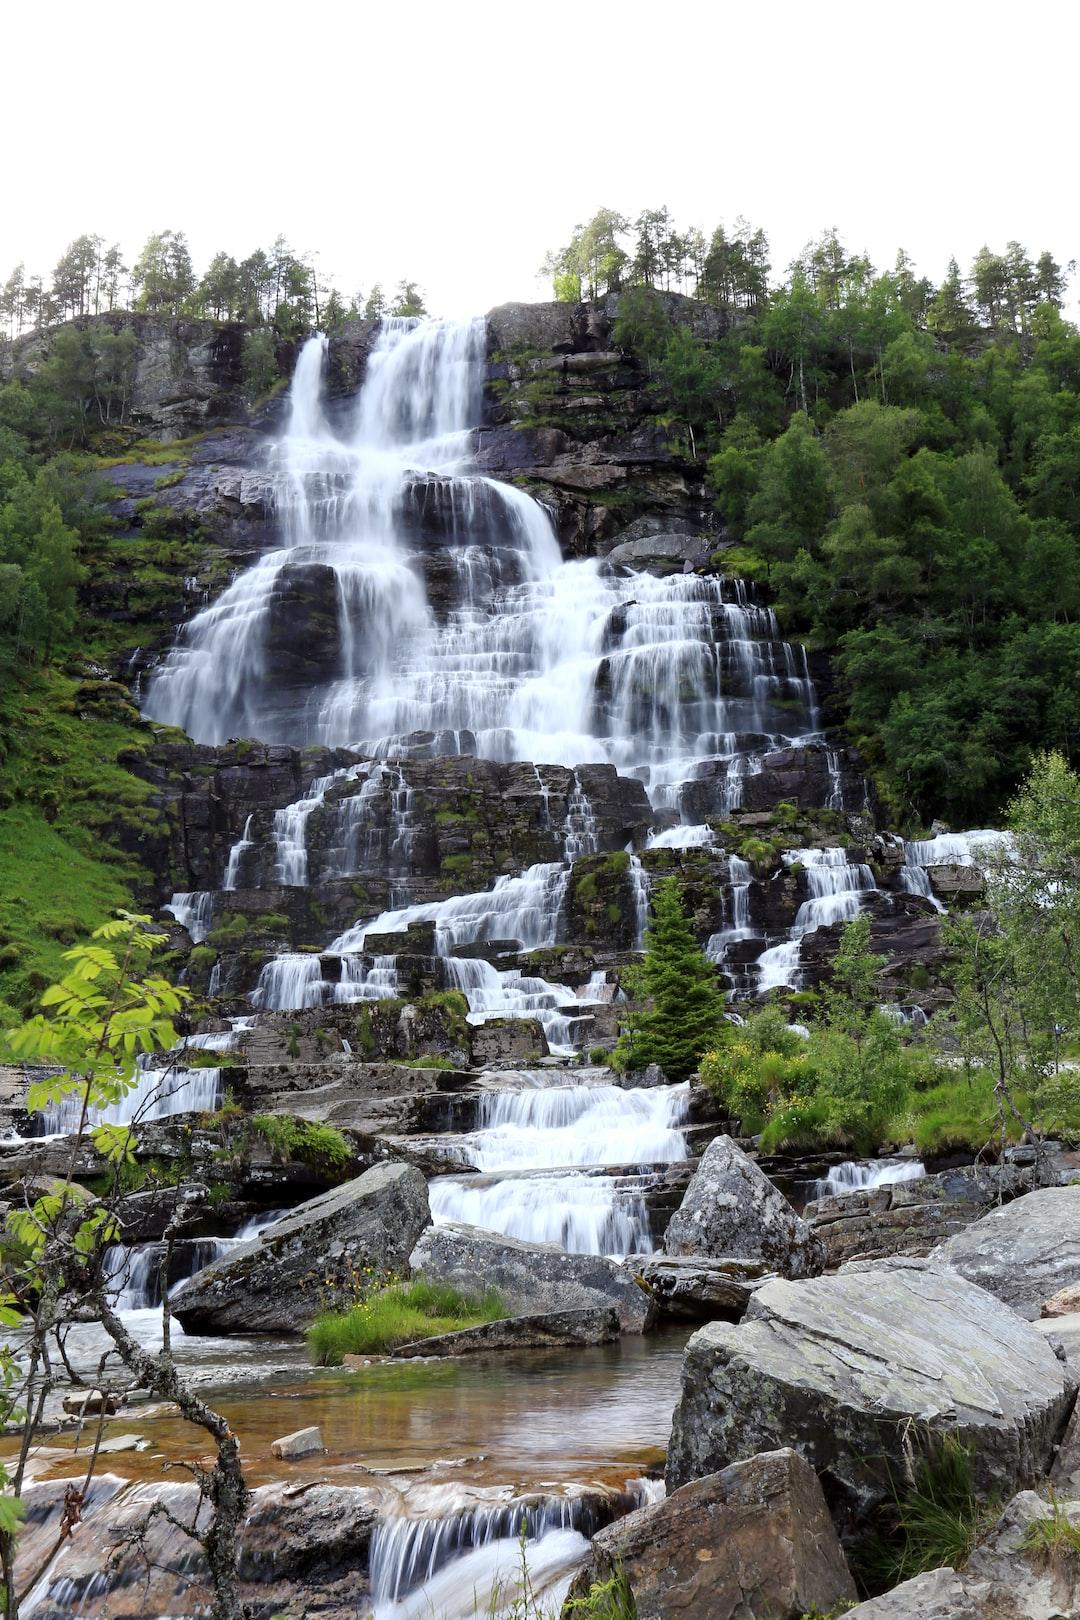 Impressive cascading waterfall: Trollafossen in South Norway